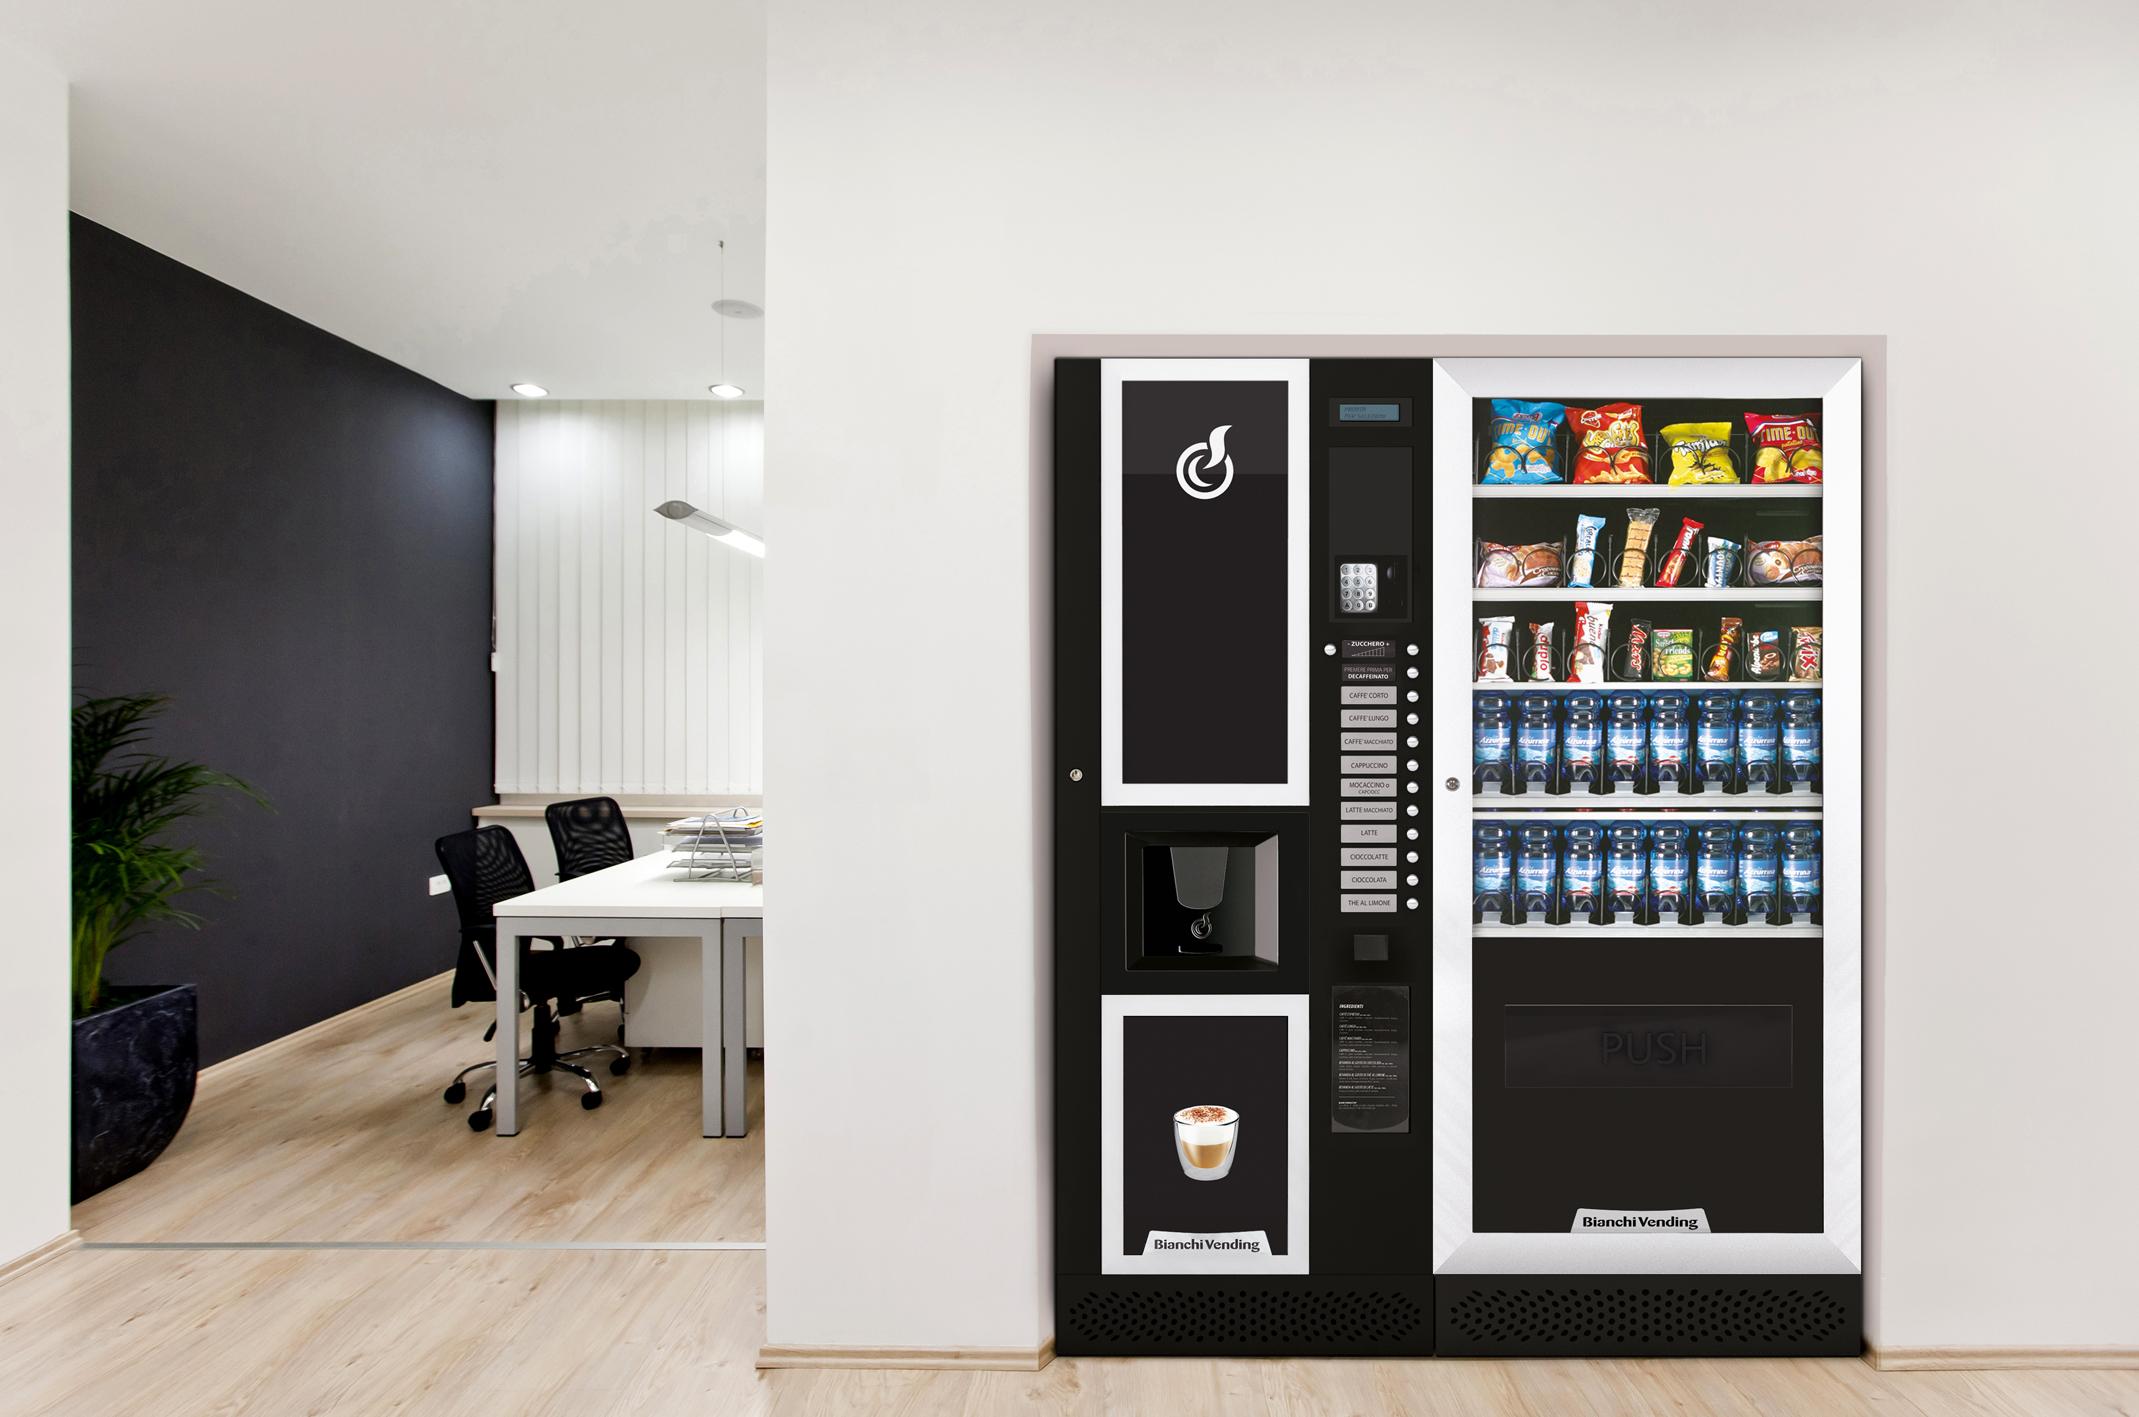 За время работы нашей компании мы продали более 100 единиц кофейного и снекового оборудования, более 300 тонн зернового кофе и растворимых кофейных напитков